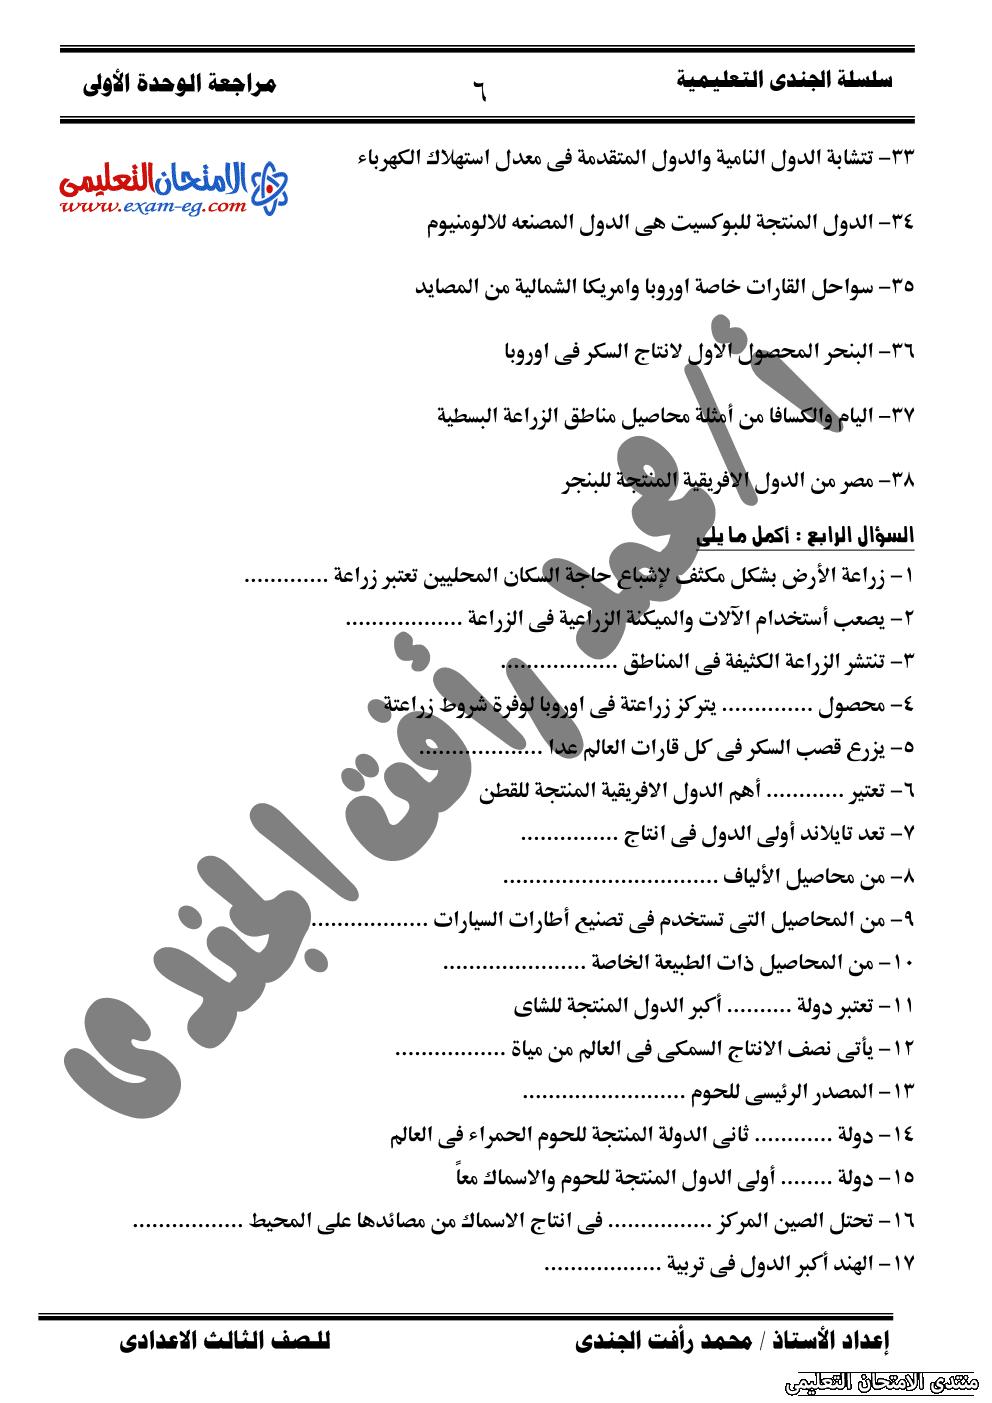 exam-eg.com_162264339545046.png